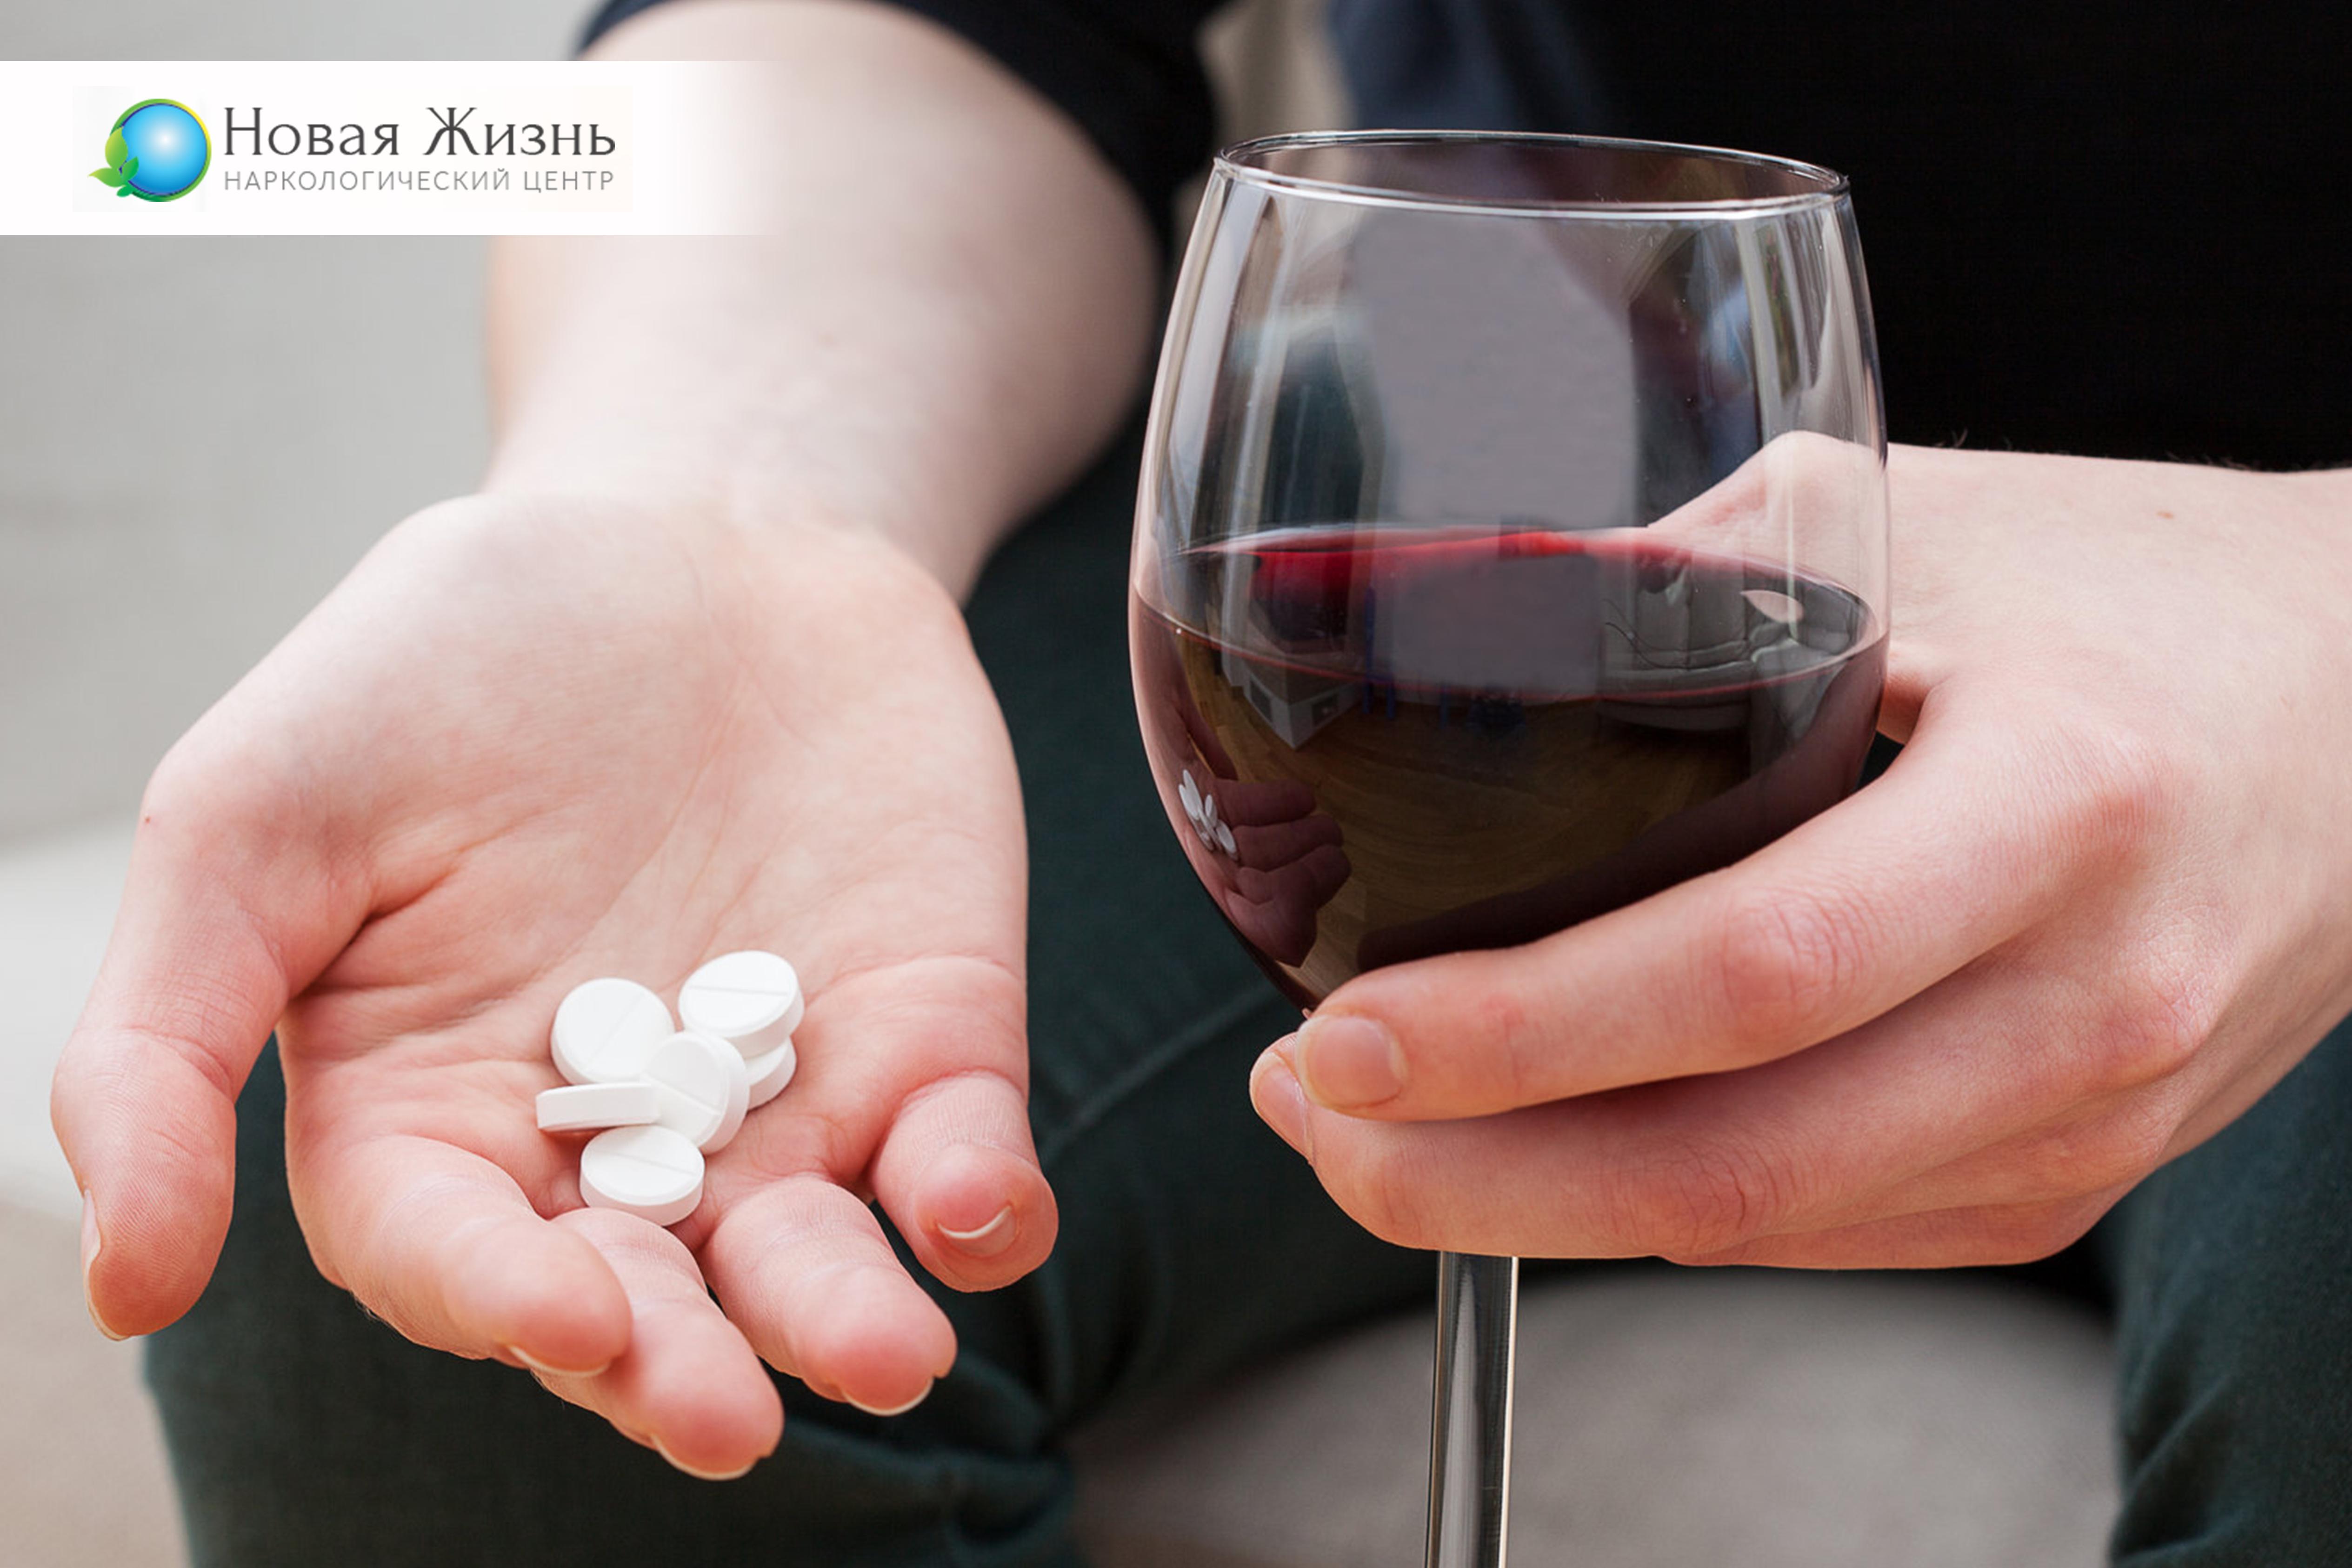 Алкоголь та антибіотики: чи можна поєднувати?